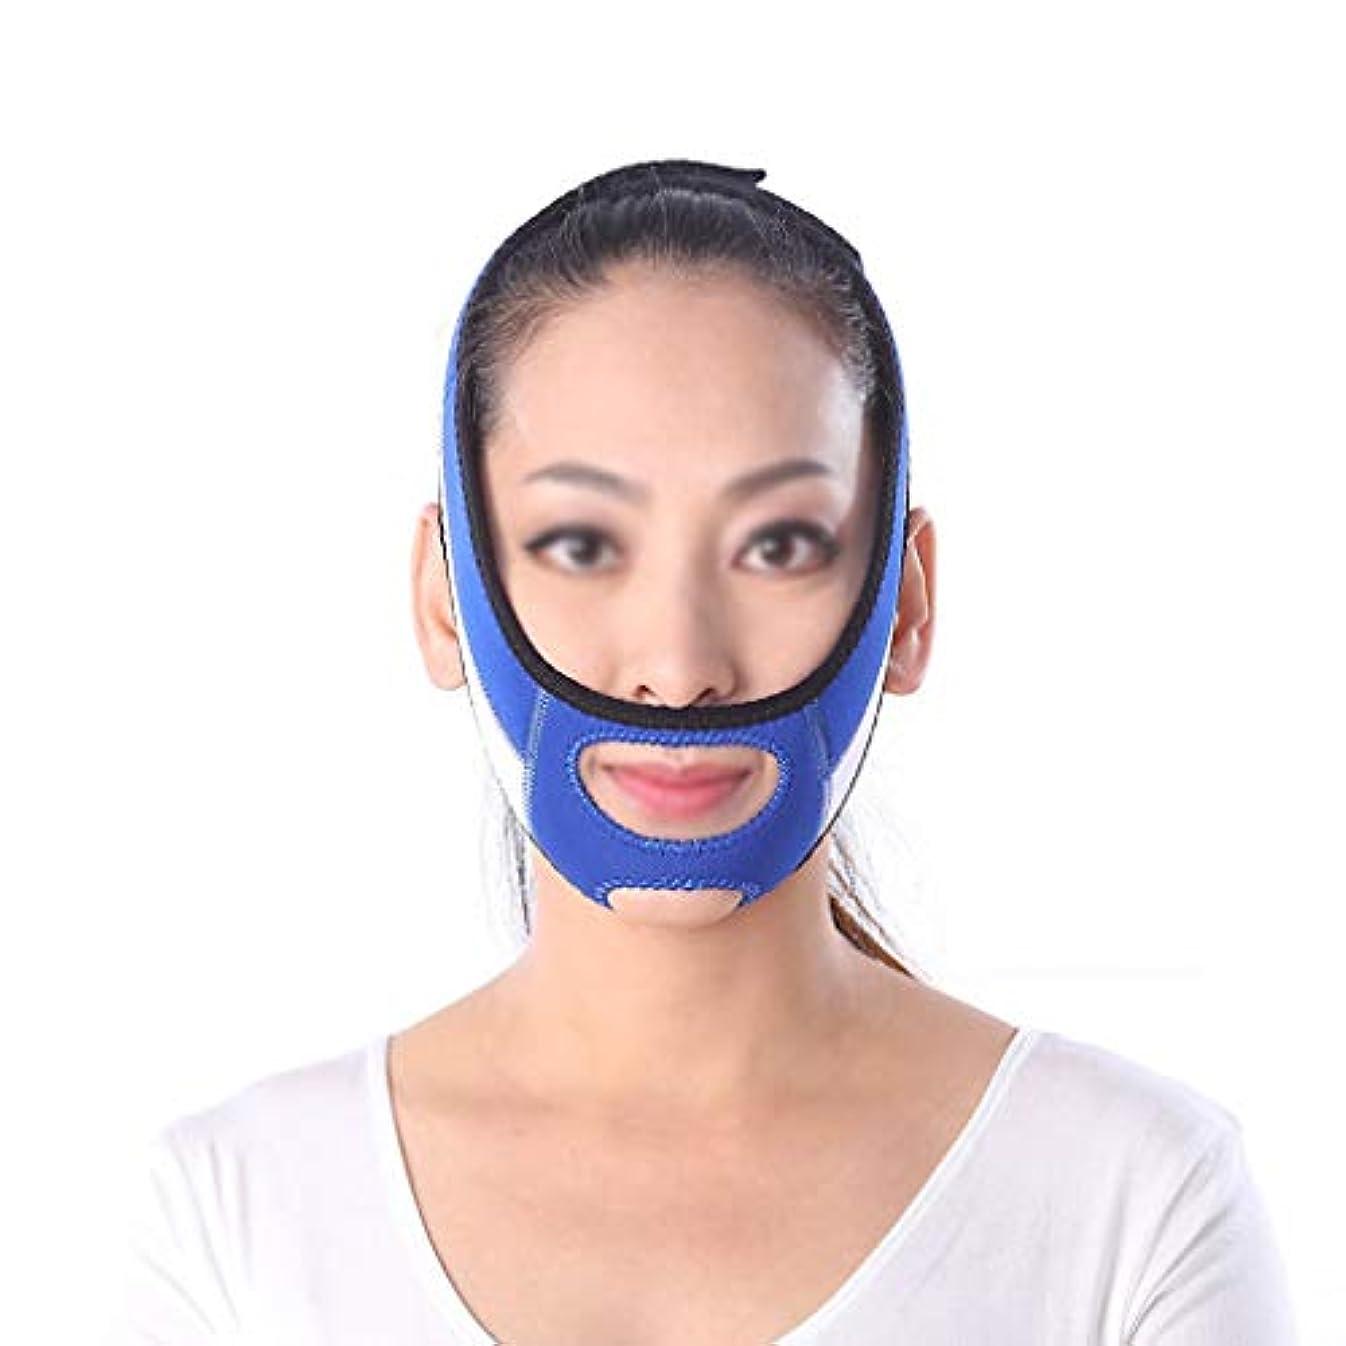 完全に乾く後ろ、背後、背面(部マサッチョフェイスリフティング包帯、フェイスリフティングマスク、フェイスリフティング器具、二重あごケア減量、フェイシャルリフティングストラップ(フリーサイズ、ブルー)